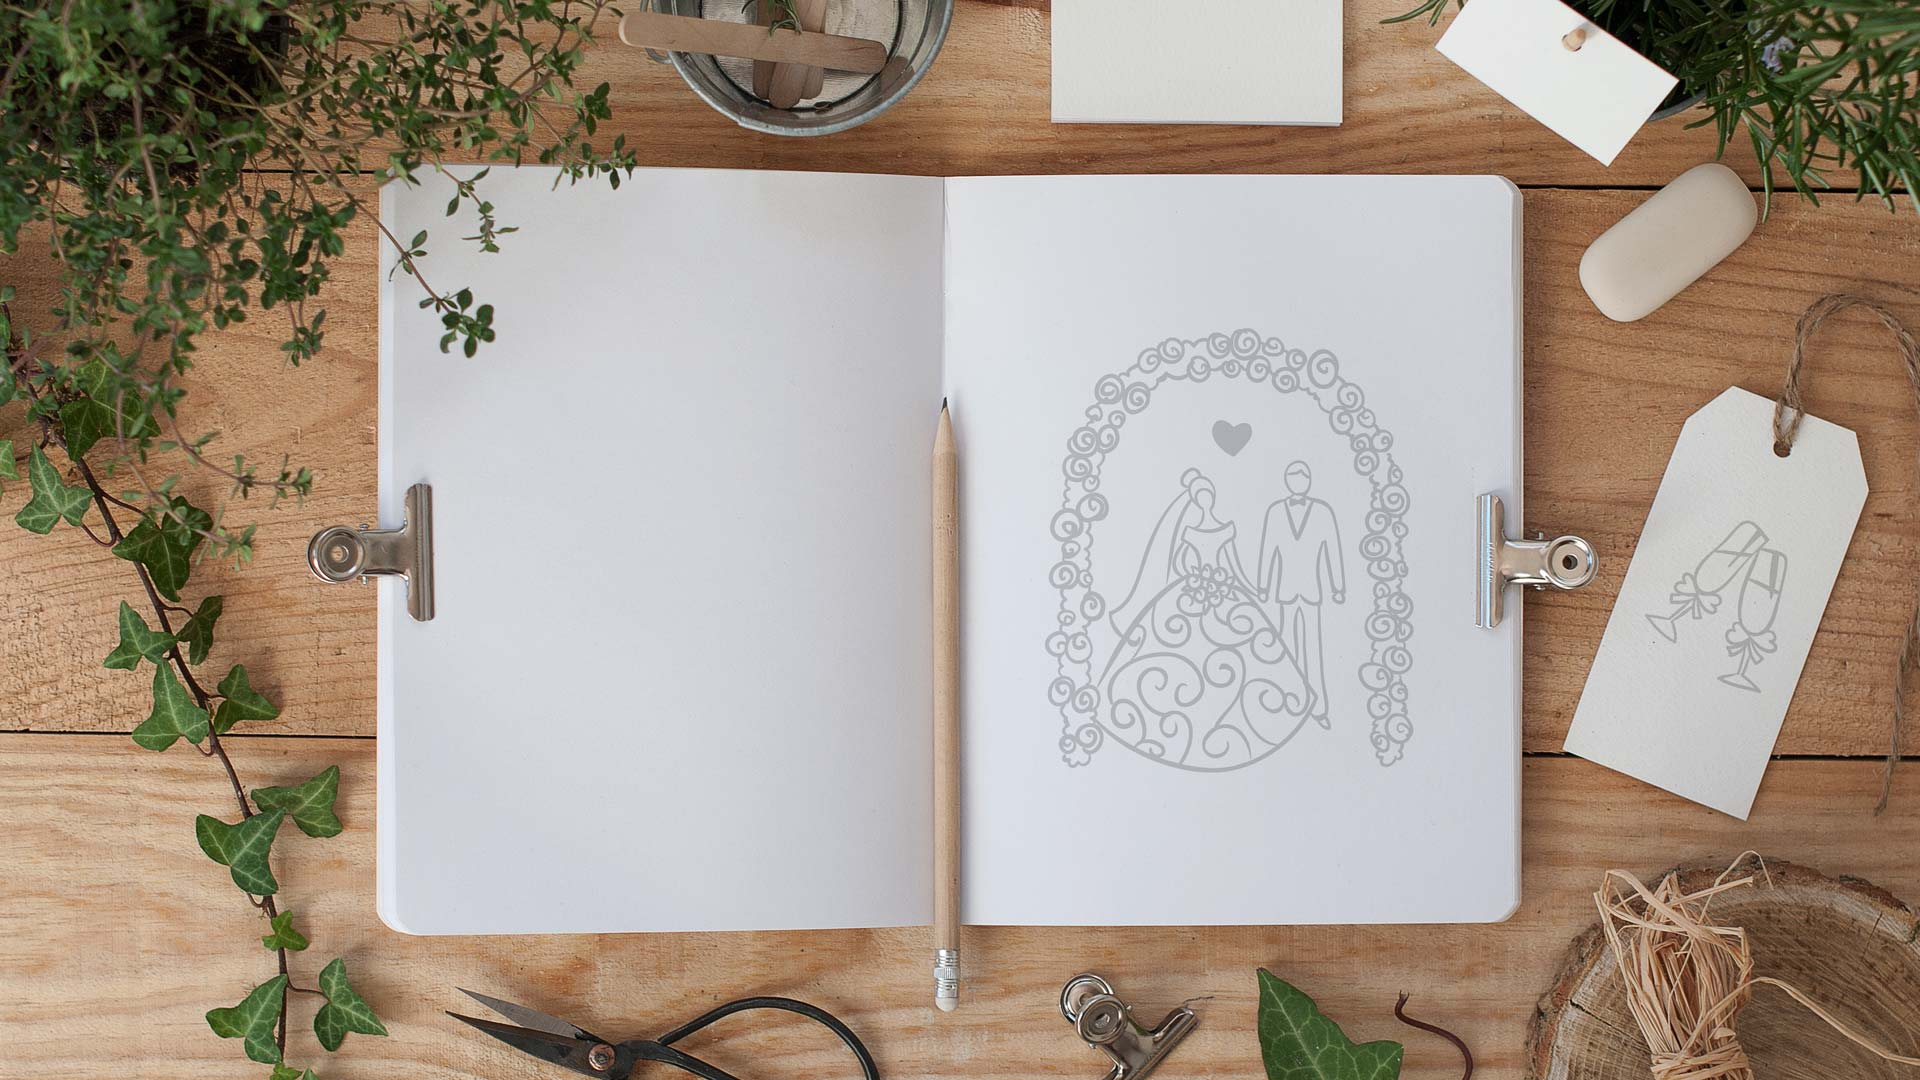 Правильная композиция для эскиза декора внутри формата листа